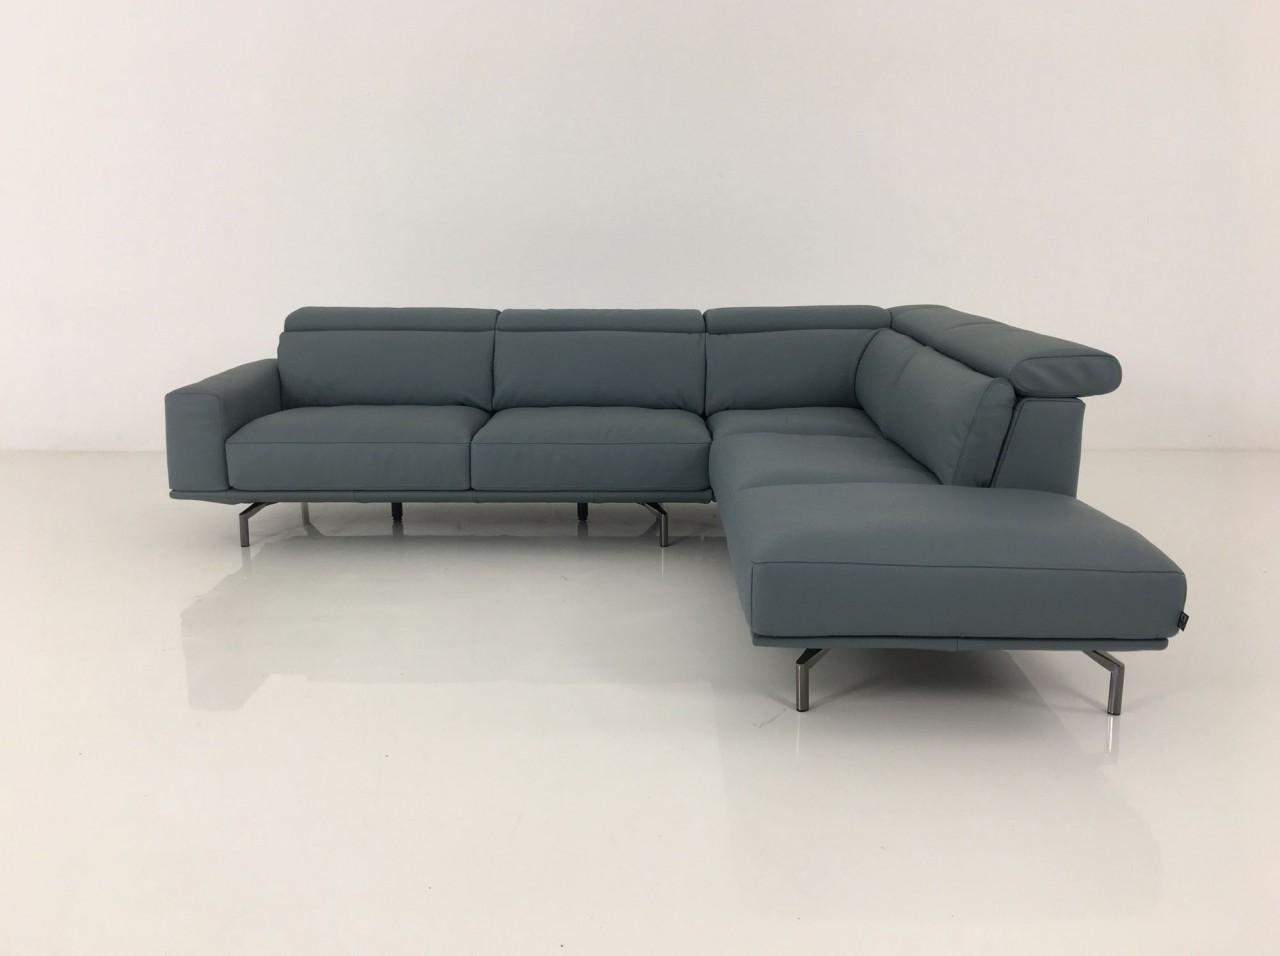 ewald schillig brand amante ecksofa mit elektrischen sitzvorzug im leder stone ewald schillig. Black Bedroom Furniture Sets. Home Design Ideas